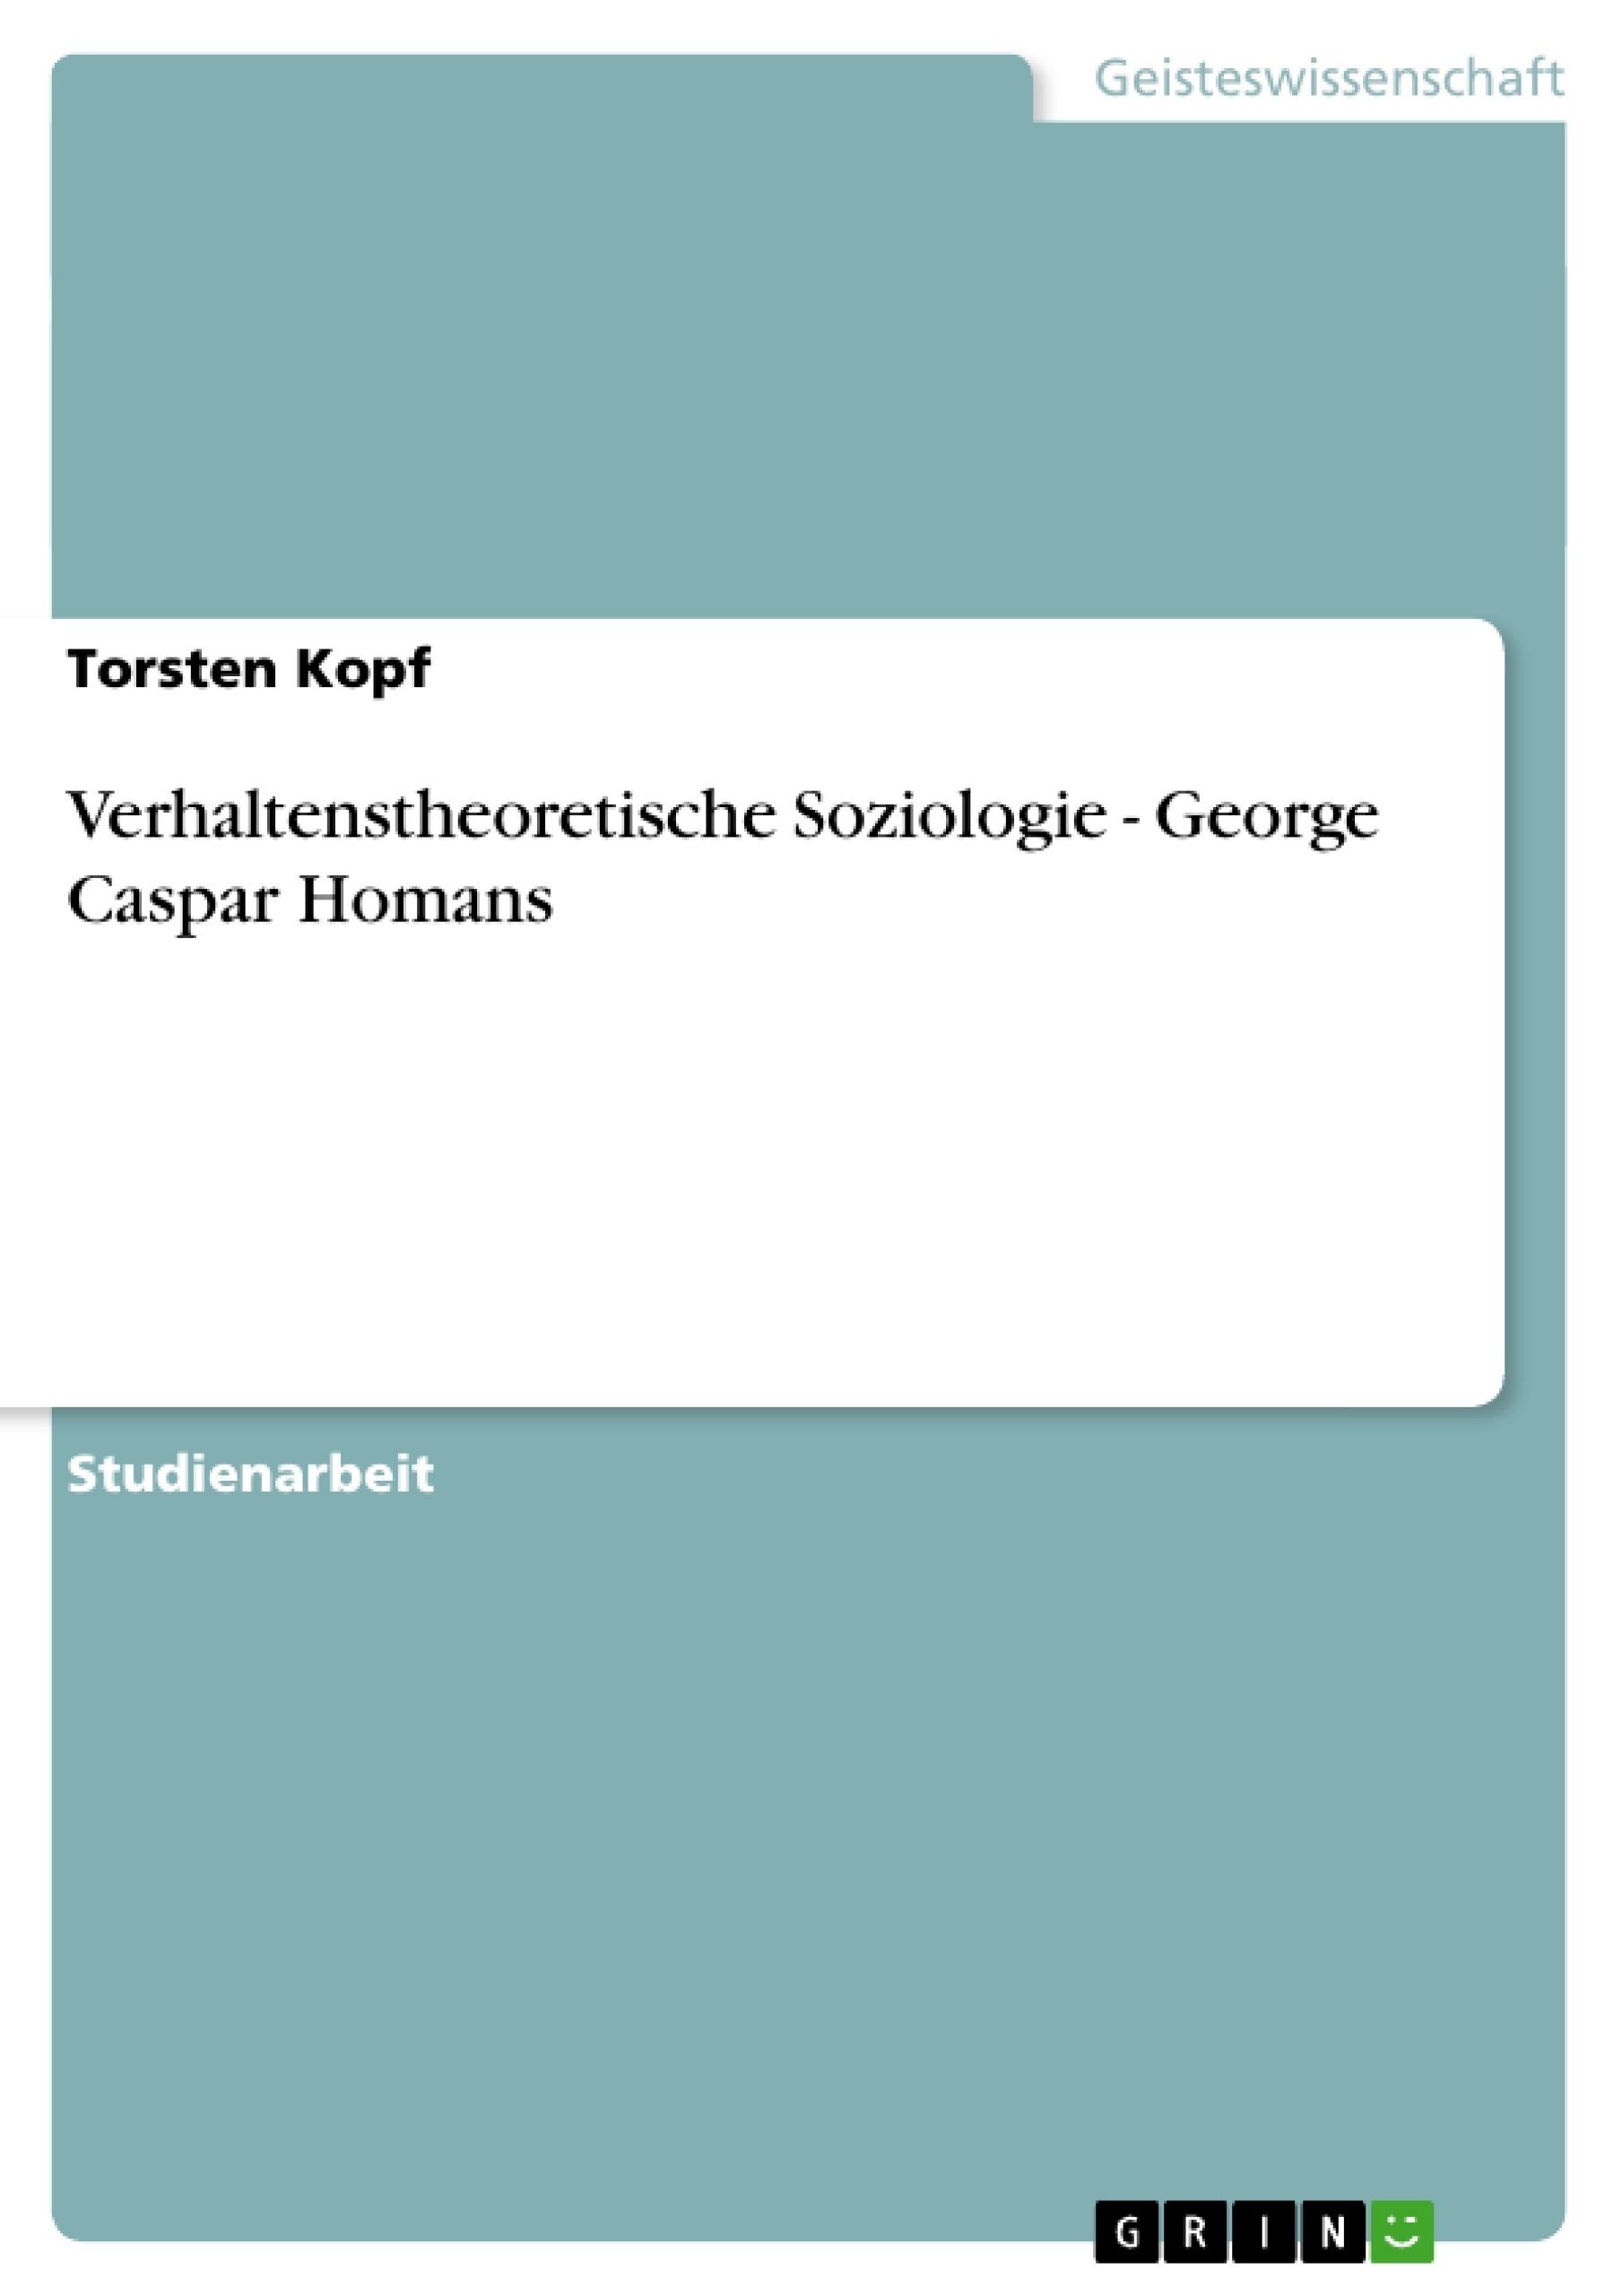 Titel: Verhaltenstheoretische Soziologie - George Caspar Homans